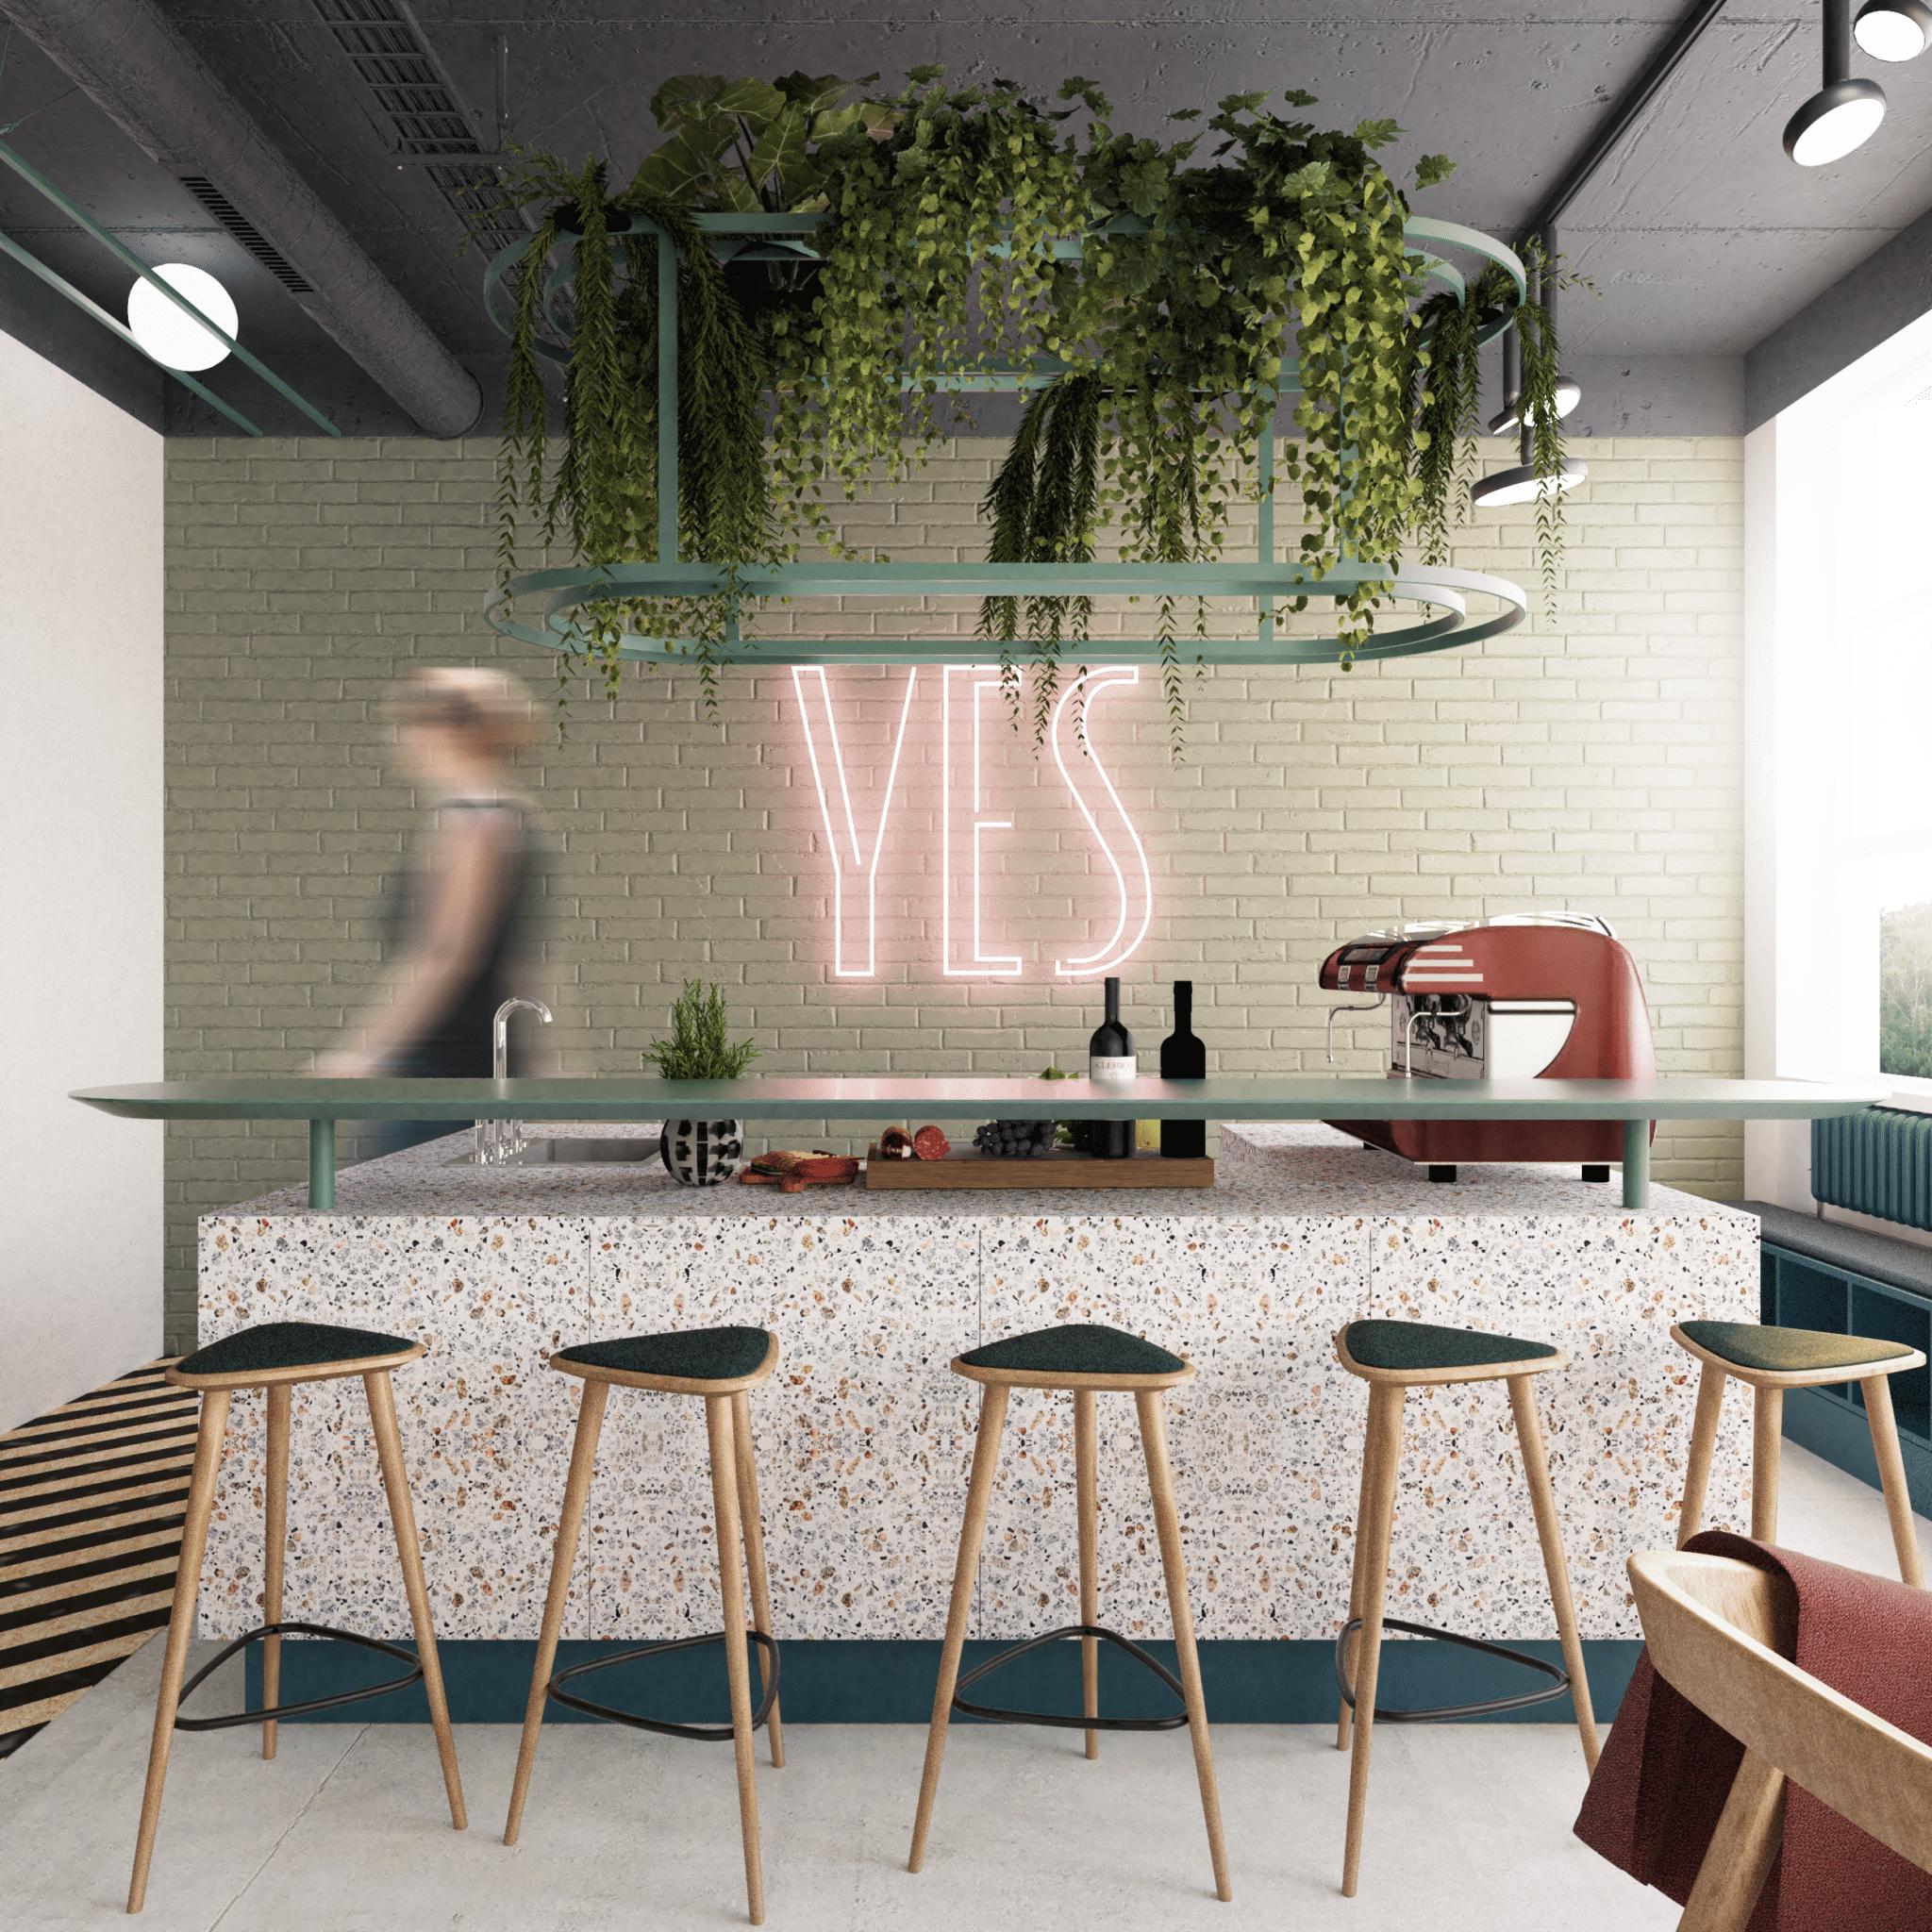 Wizualizacja projektu wnętrz strefy kuchni wbiurze open-space YES Biżuterie Poznań; przebudowa budynku biura zpozwoleniem nabudowę